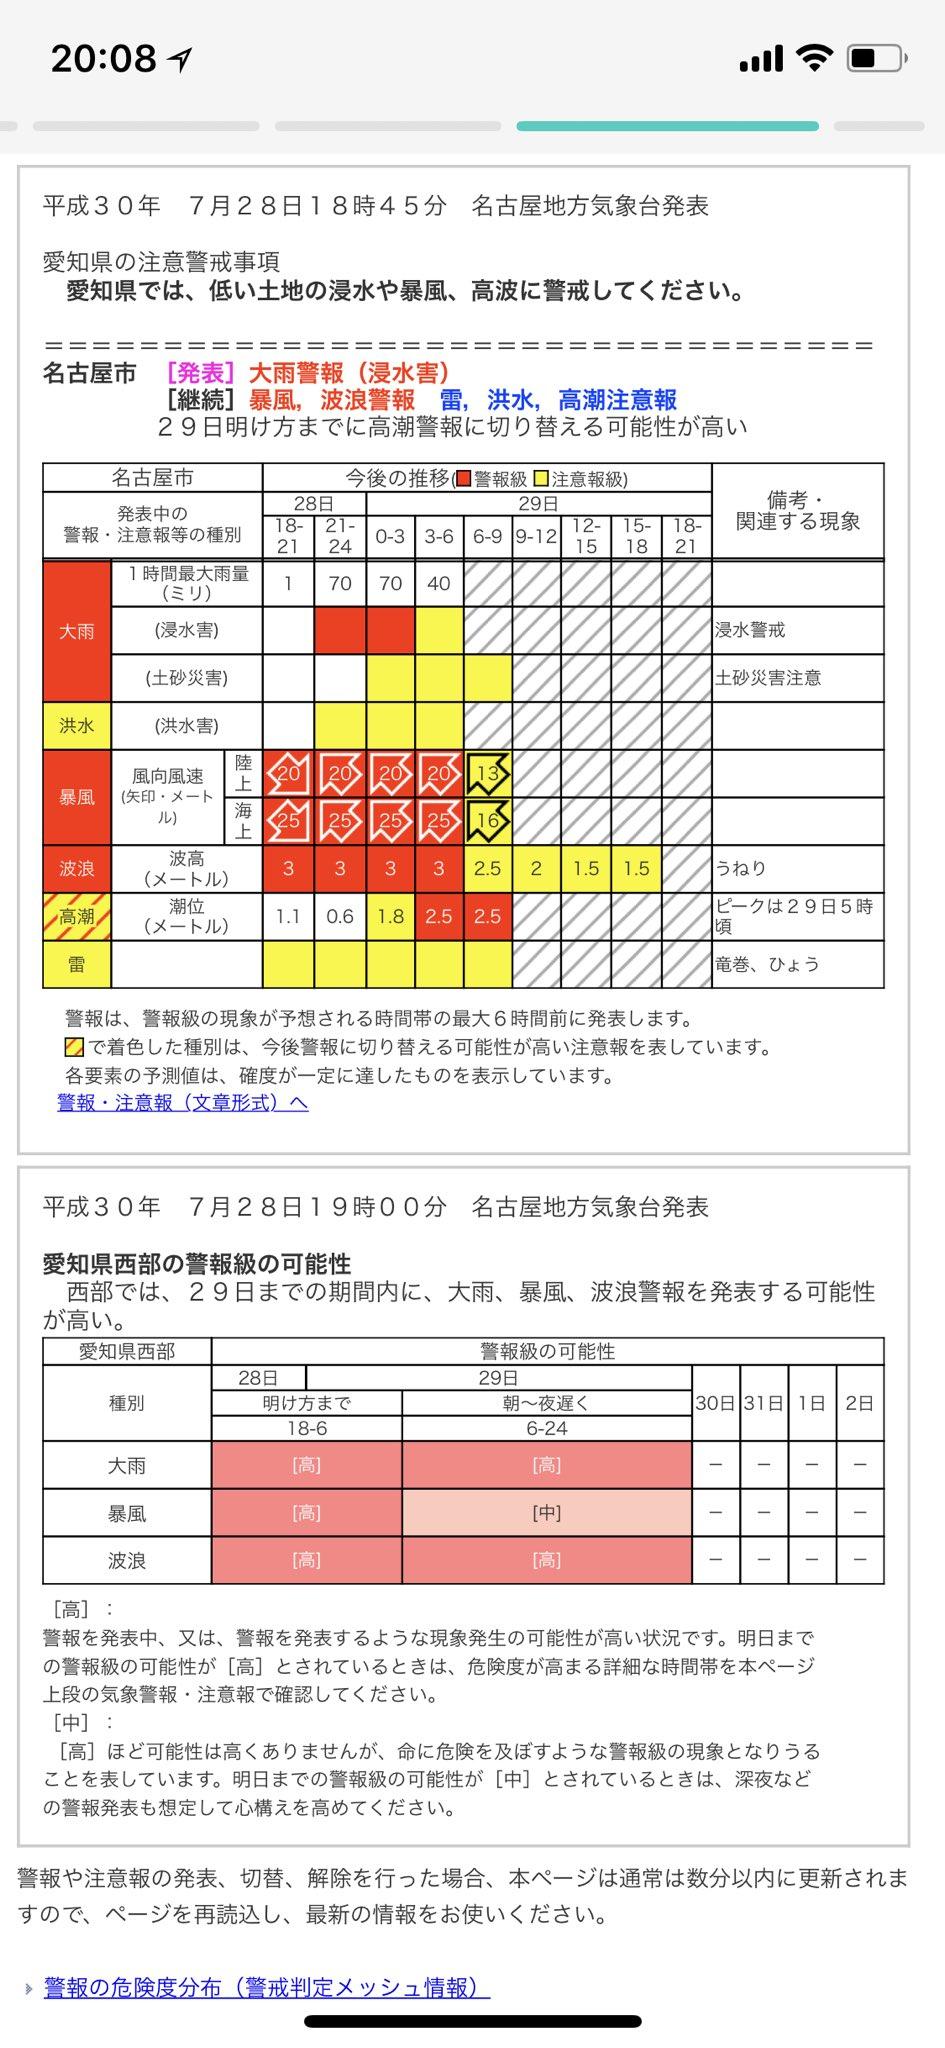 気象庁 | 気象警報・注意報 | 名古屋市 https://t.co/vTLlimrEeY https://t.co/V1ETRjcNAX